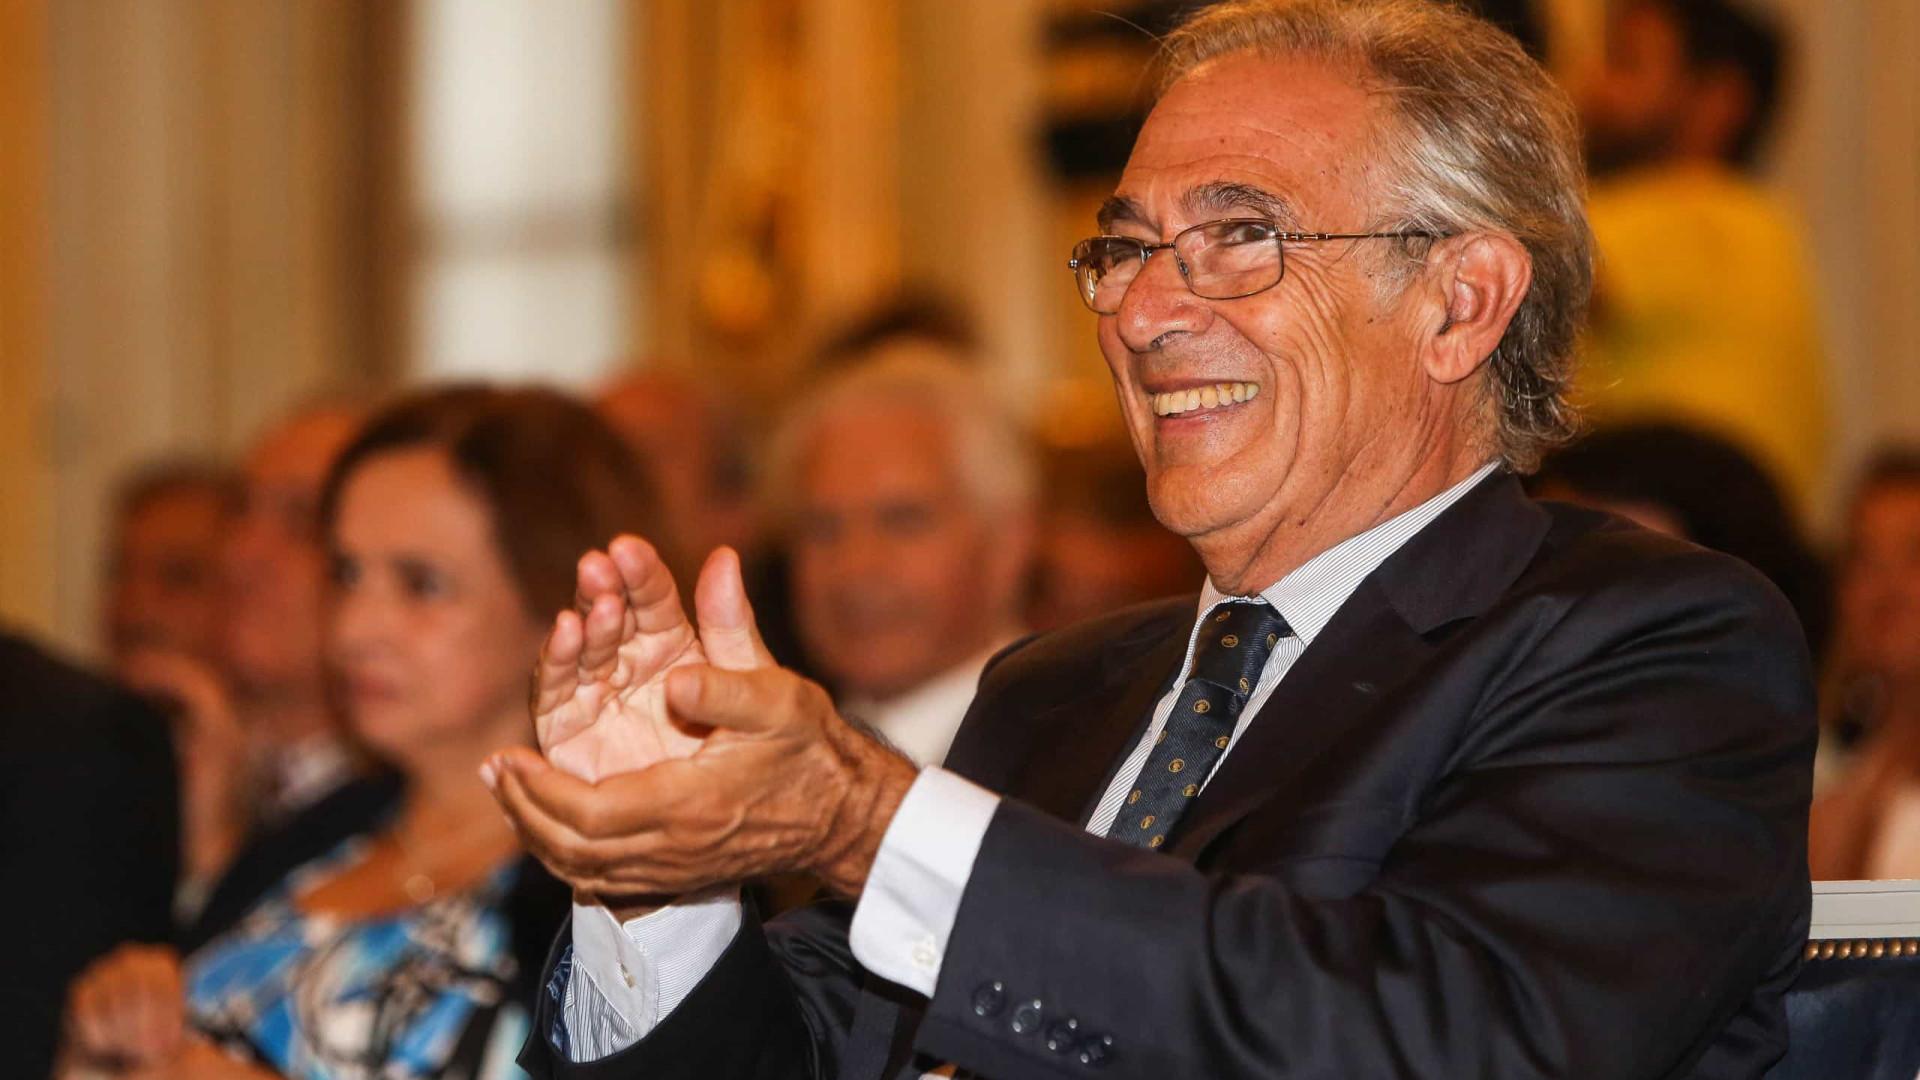 Sobrinho Simões premiado com Gago Award por capacitar cultura científica